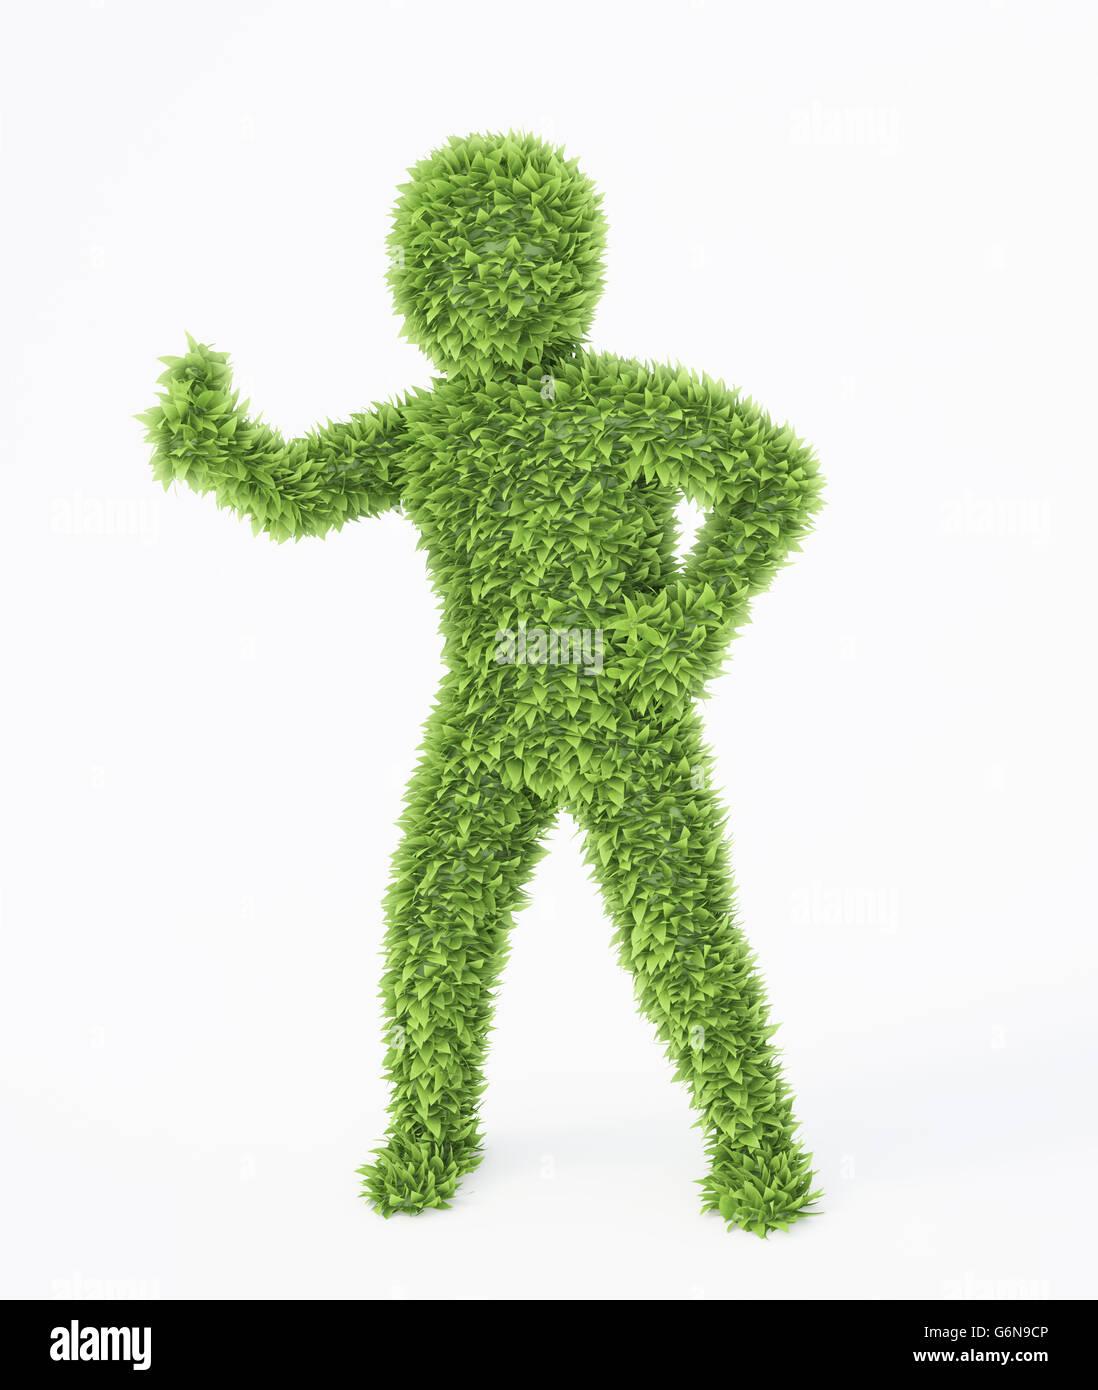 Foglie coperta eco friendly 3D carattere Immagini Stock